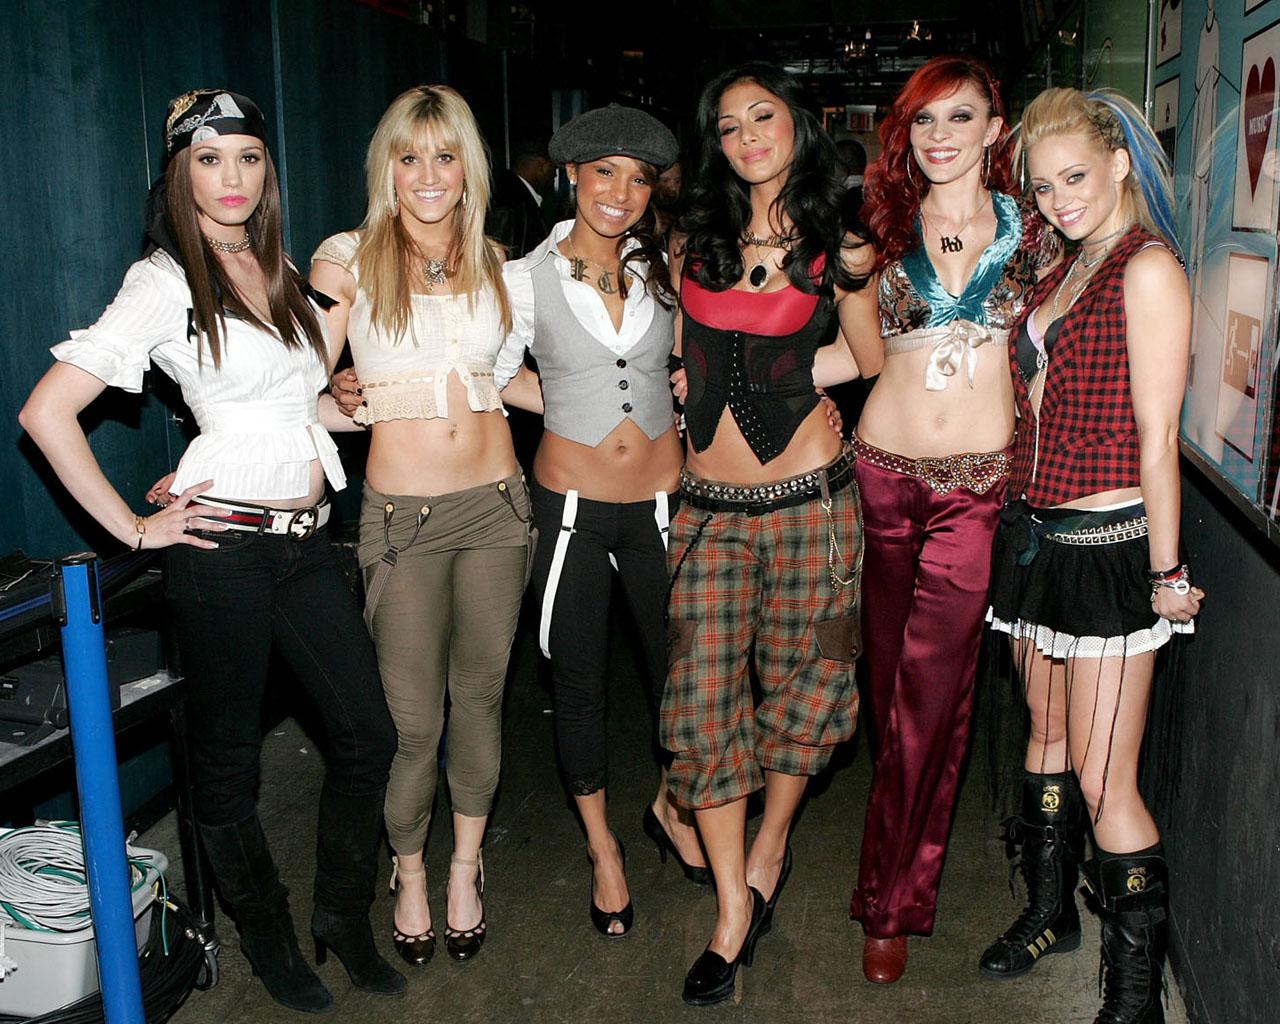 Фото женщин на дискотеке 19 фотография